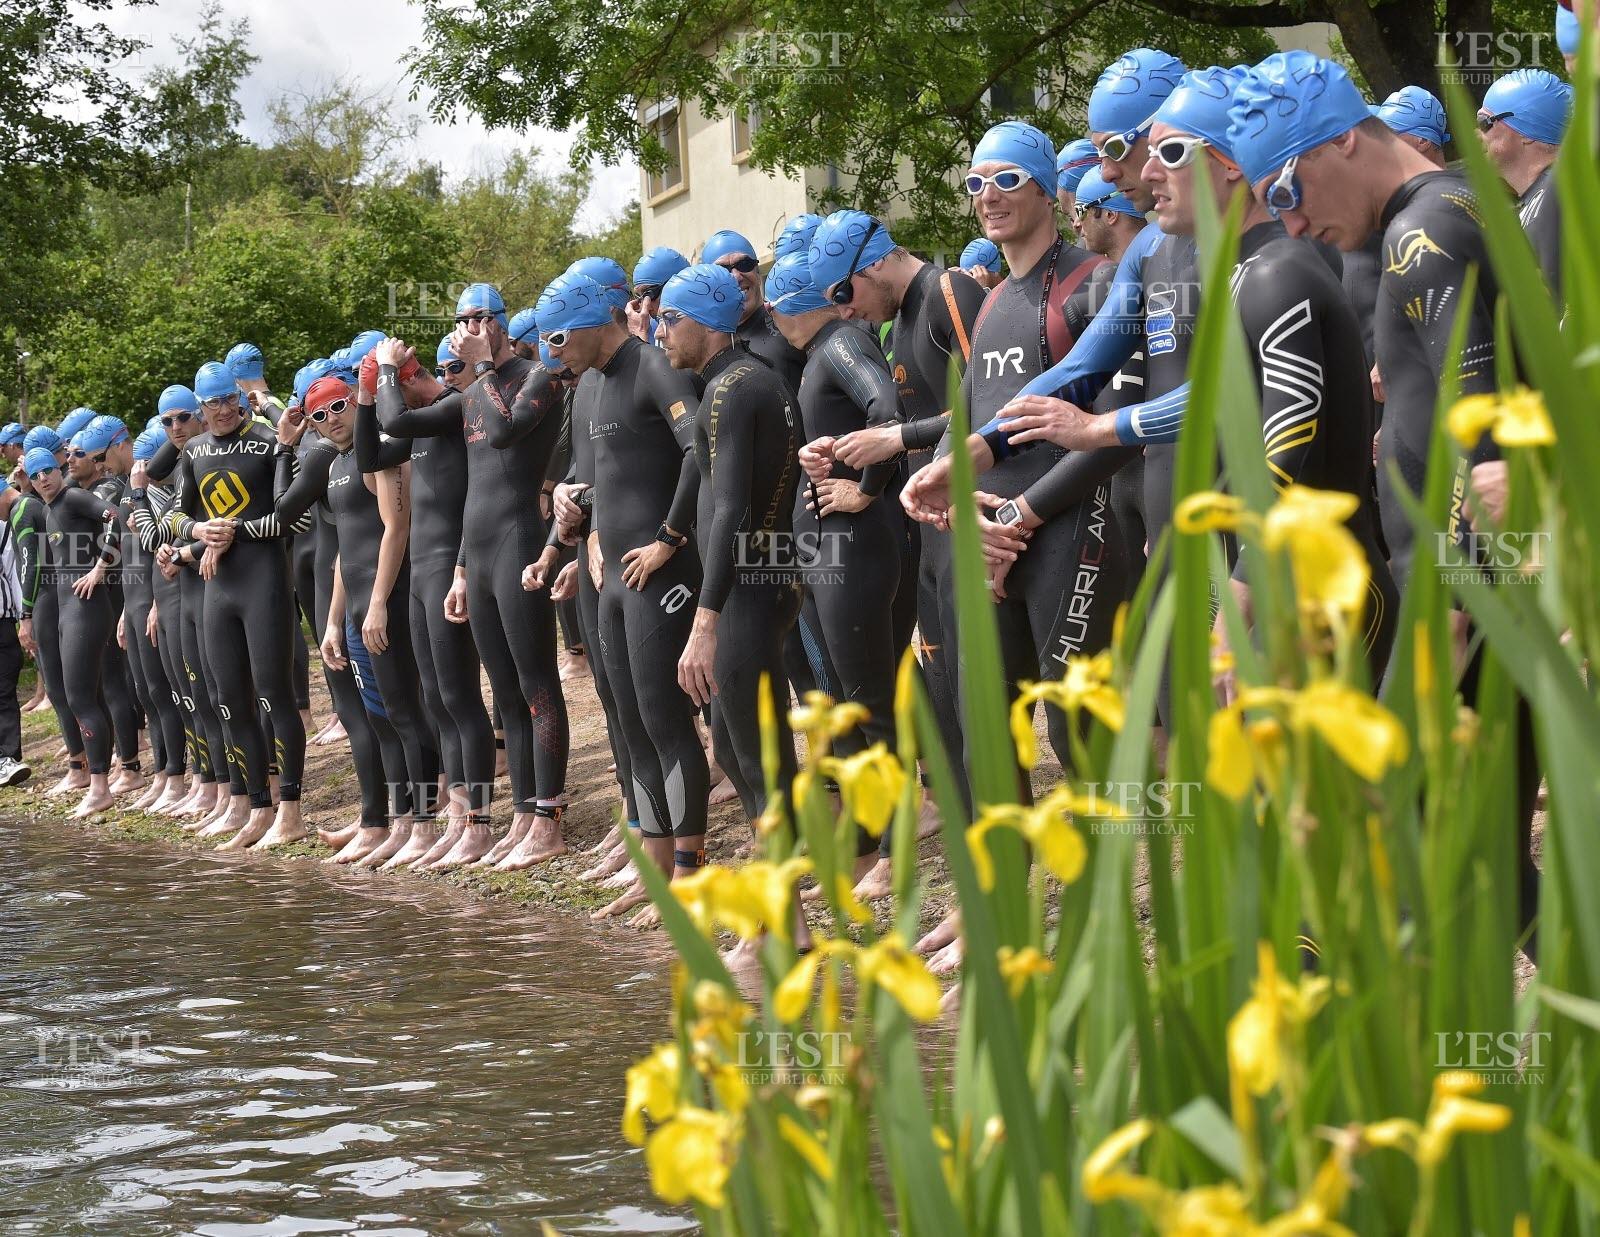 triathlon-triathlon-m-de-moselle-et-madon-en-images-photo-eric-dubois-1464543330